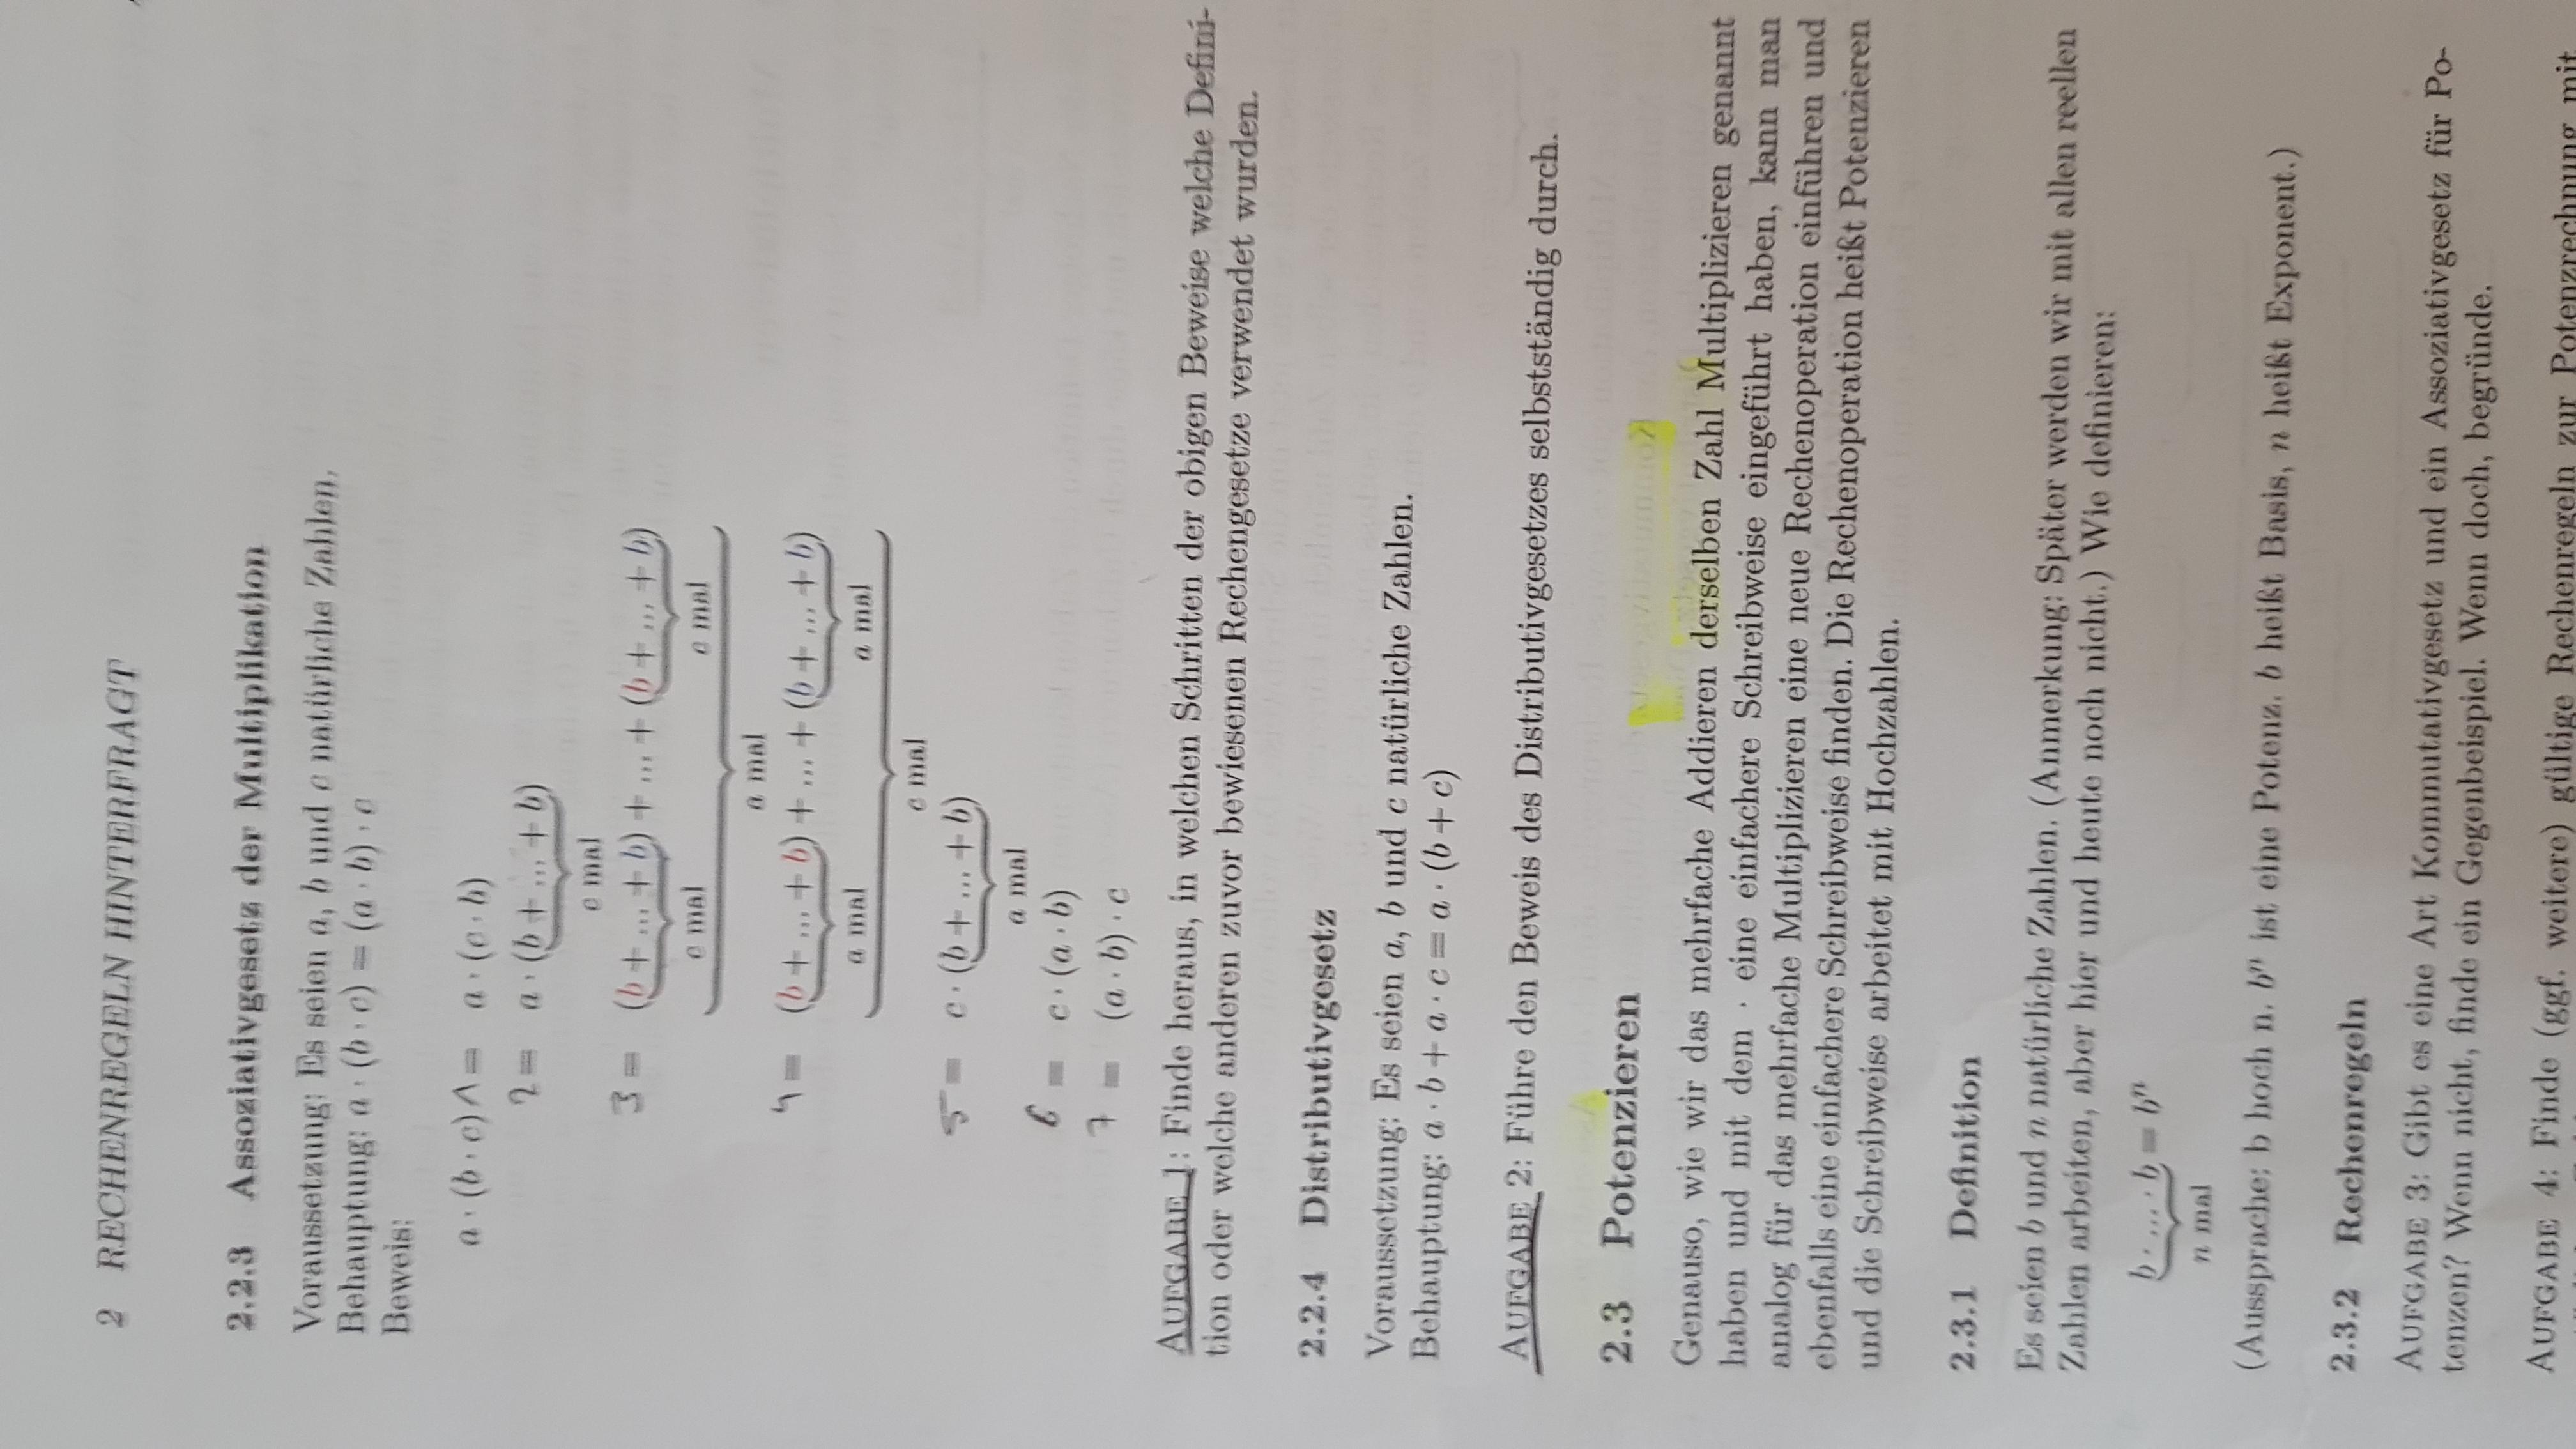 Wie geht die Aufgabe 2? (Schule, Mathe, Mathematik)